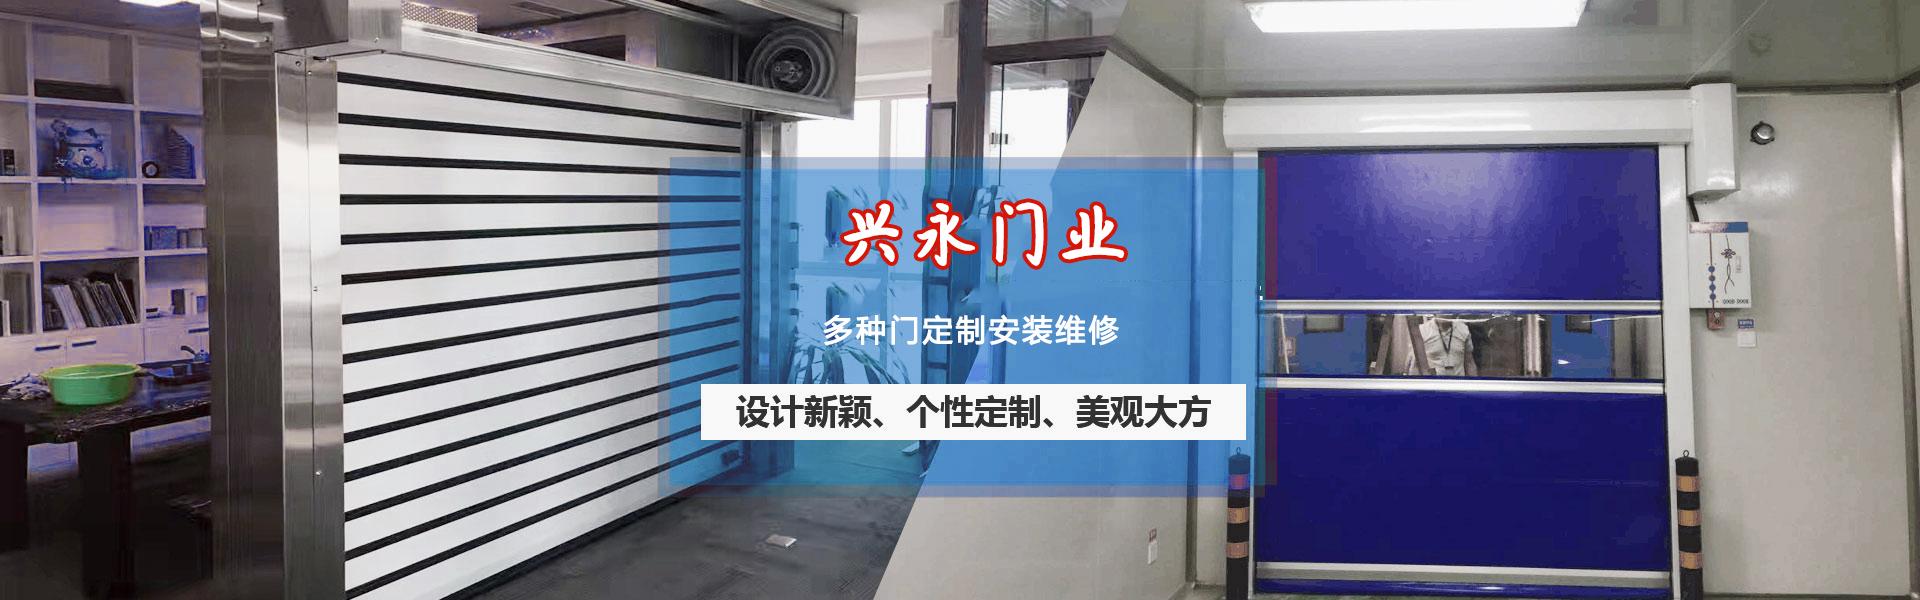 张家港电动伸缩门